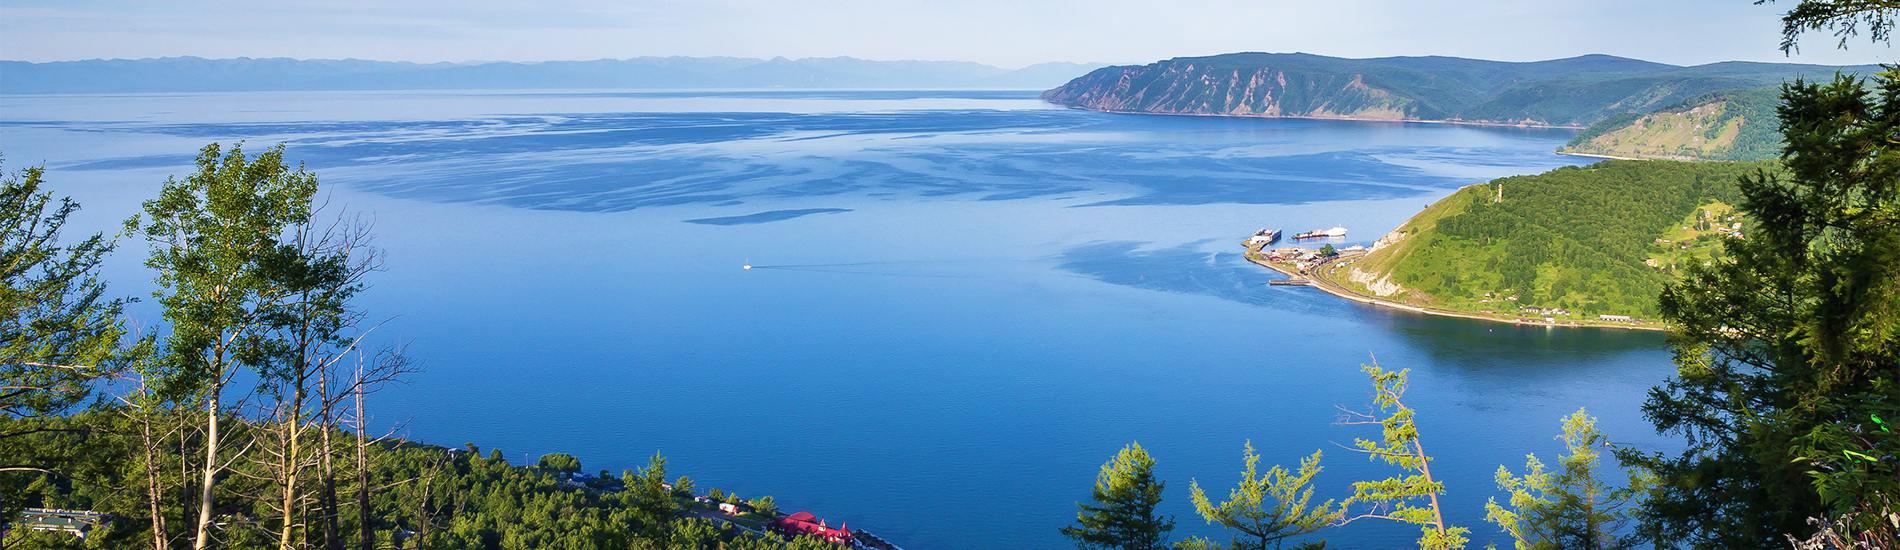 情迷貝加爾湖